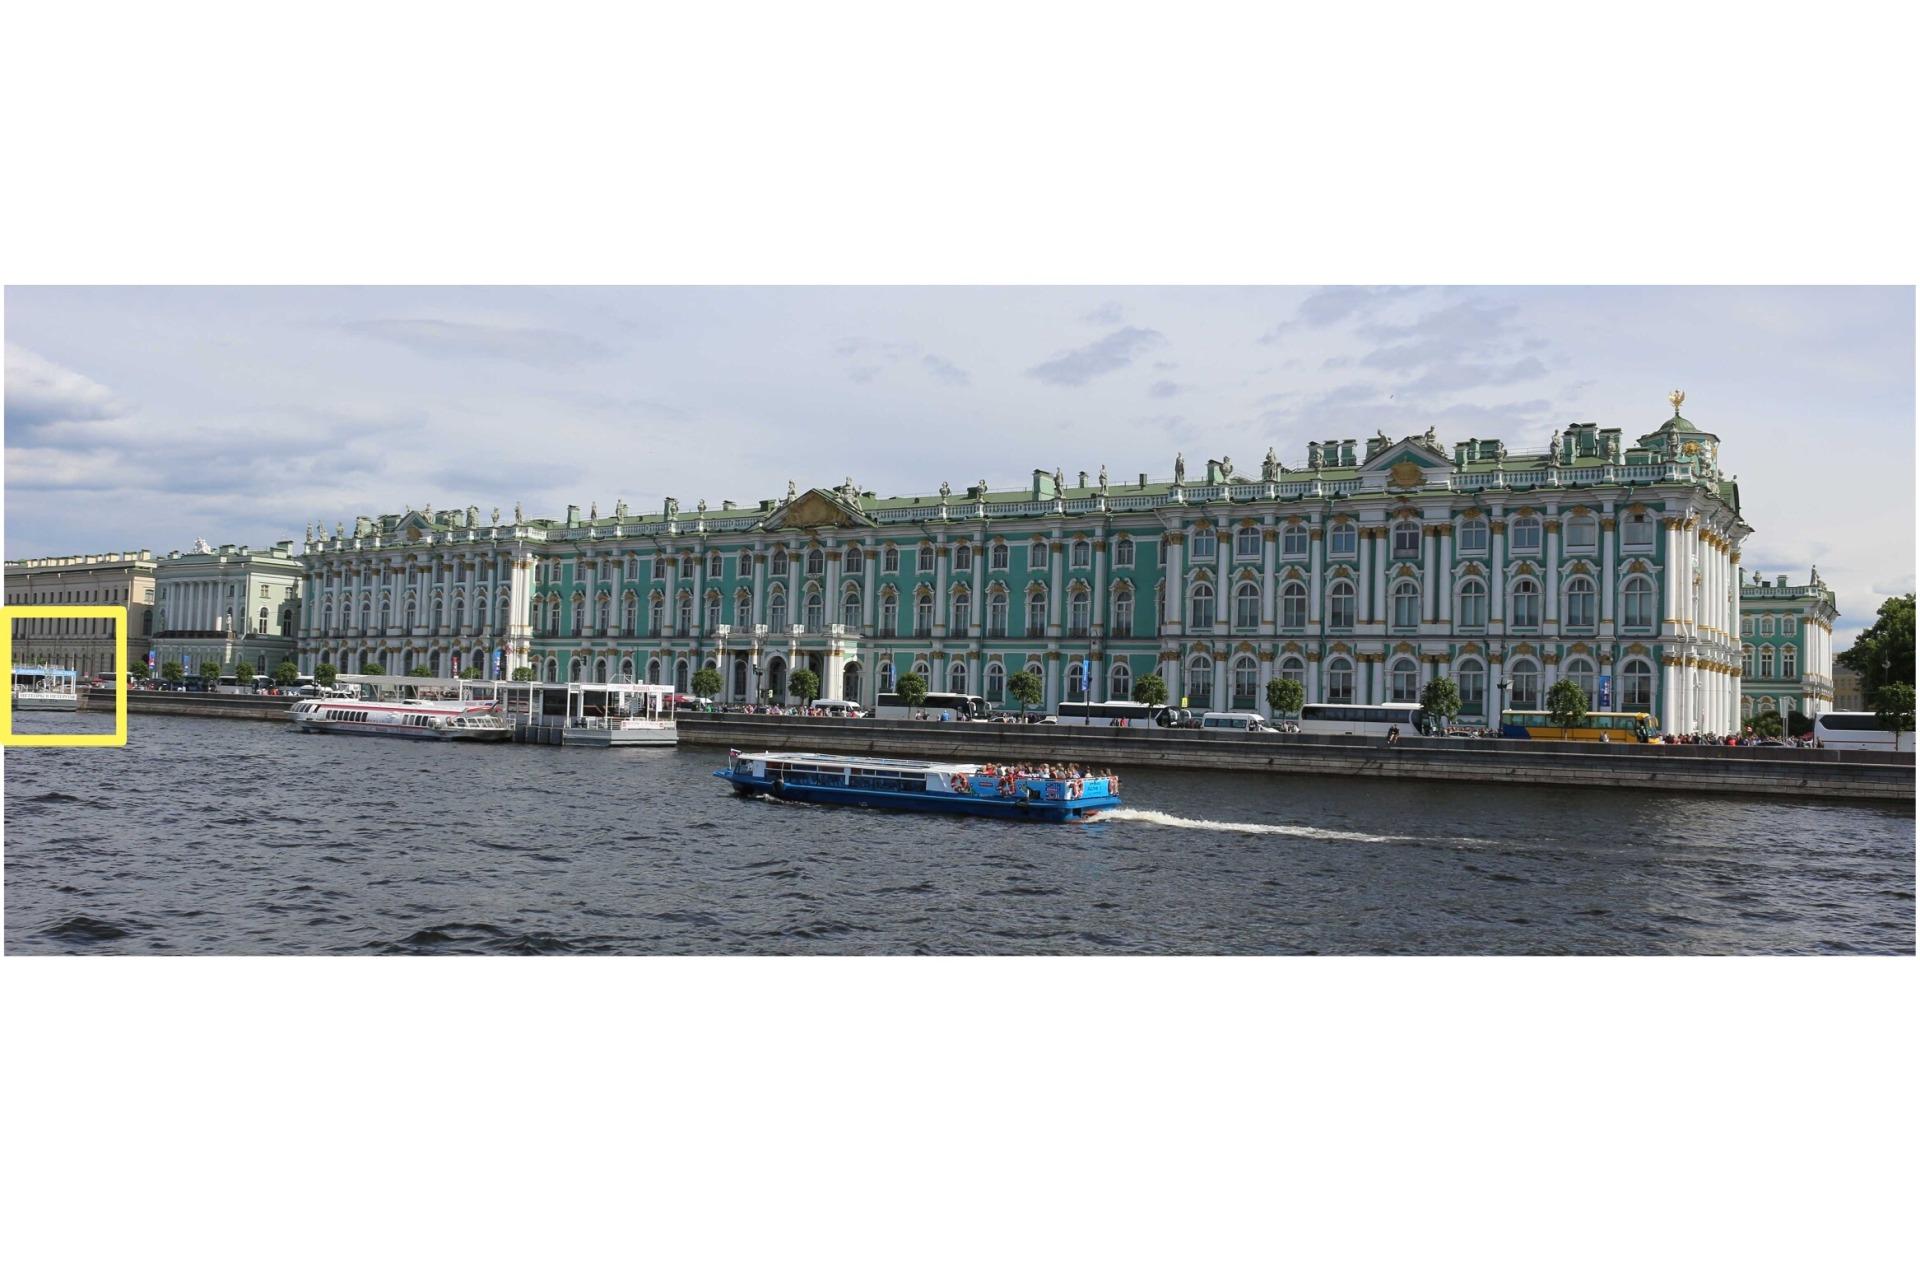 Как добраться до Дворцовой пристани на Дворцовой набережной, 36 - маршрут